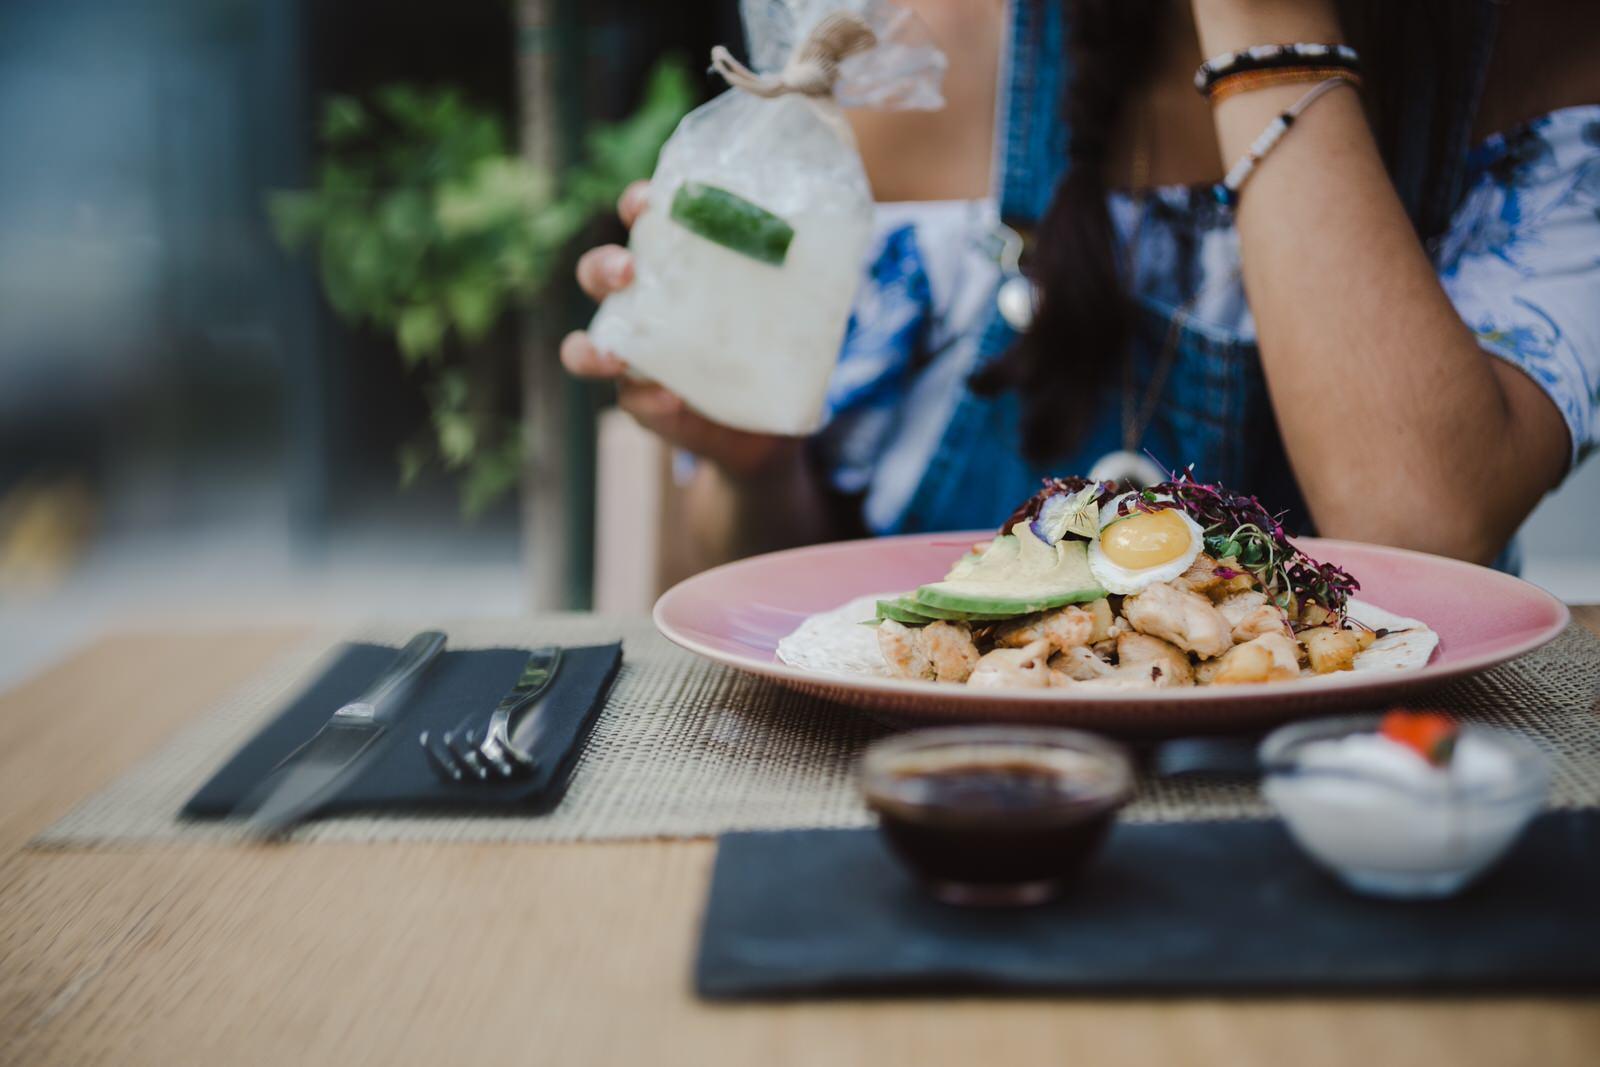 Fotógrafo de Comida numa abordagem lifestyle fotografia de restaurante Uber-eats take-away